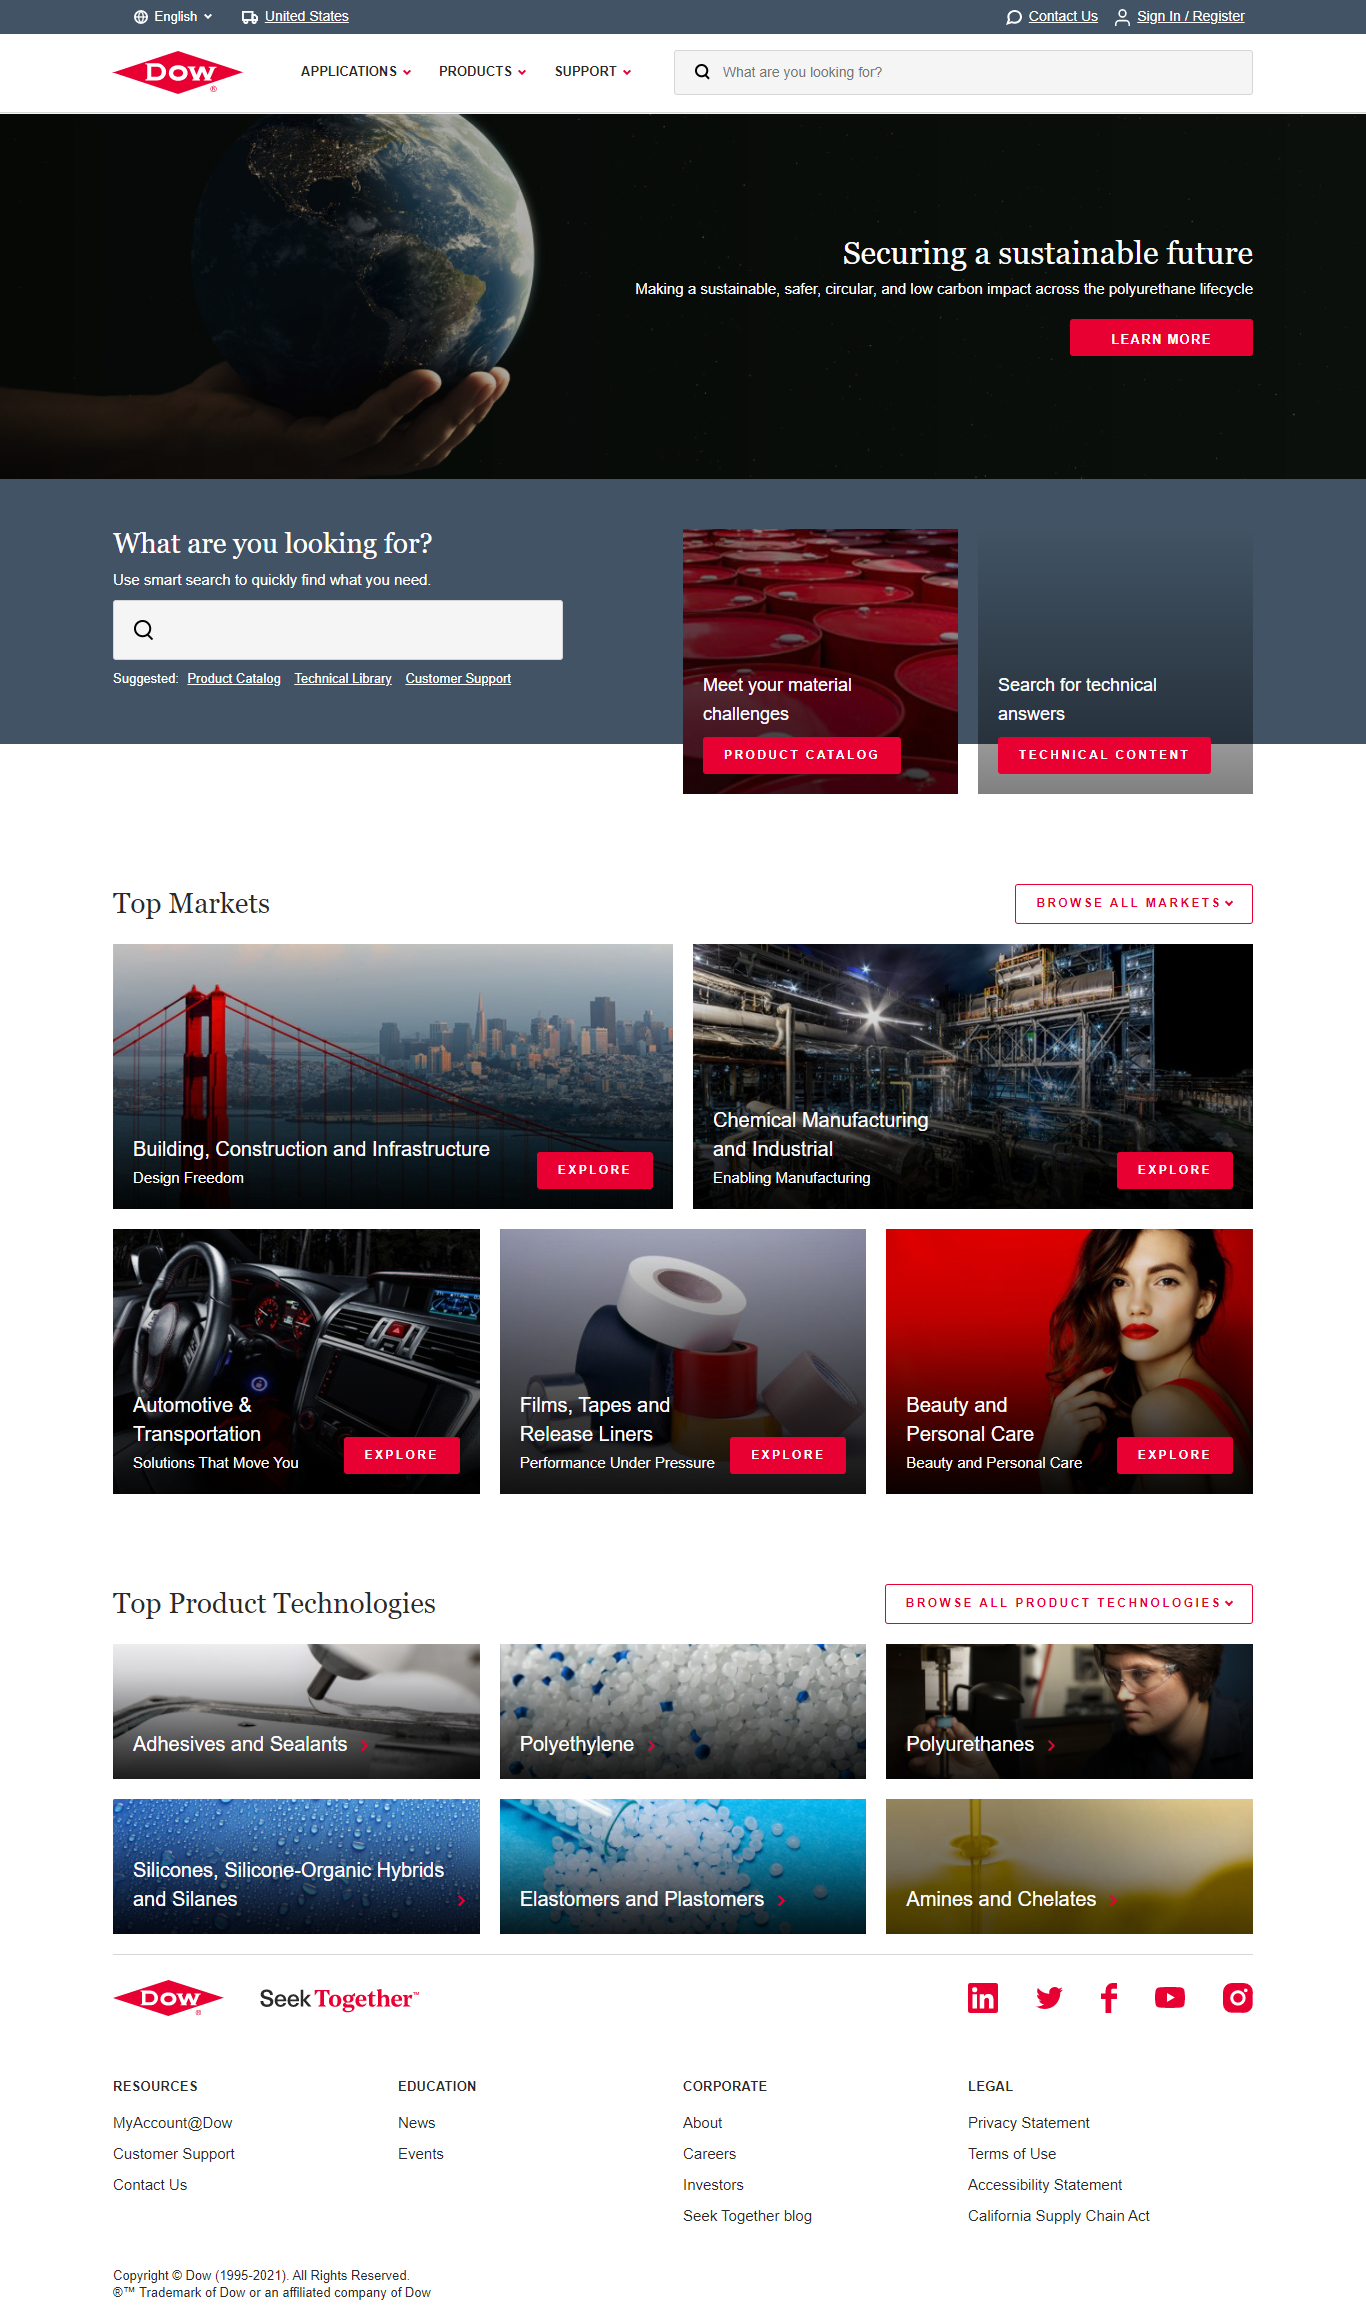 Dow Inc. Website Screenshot